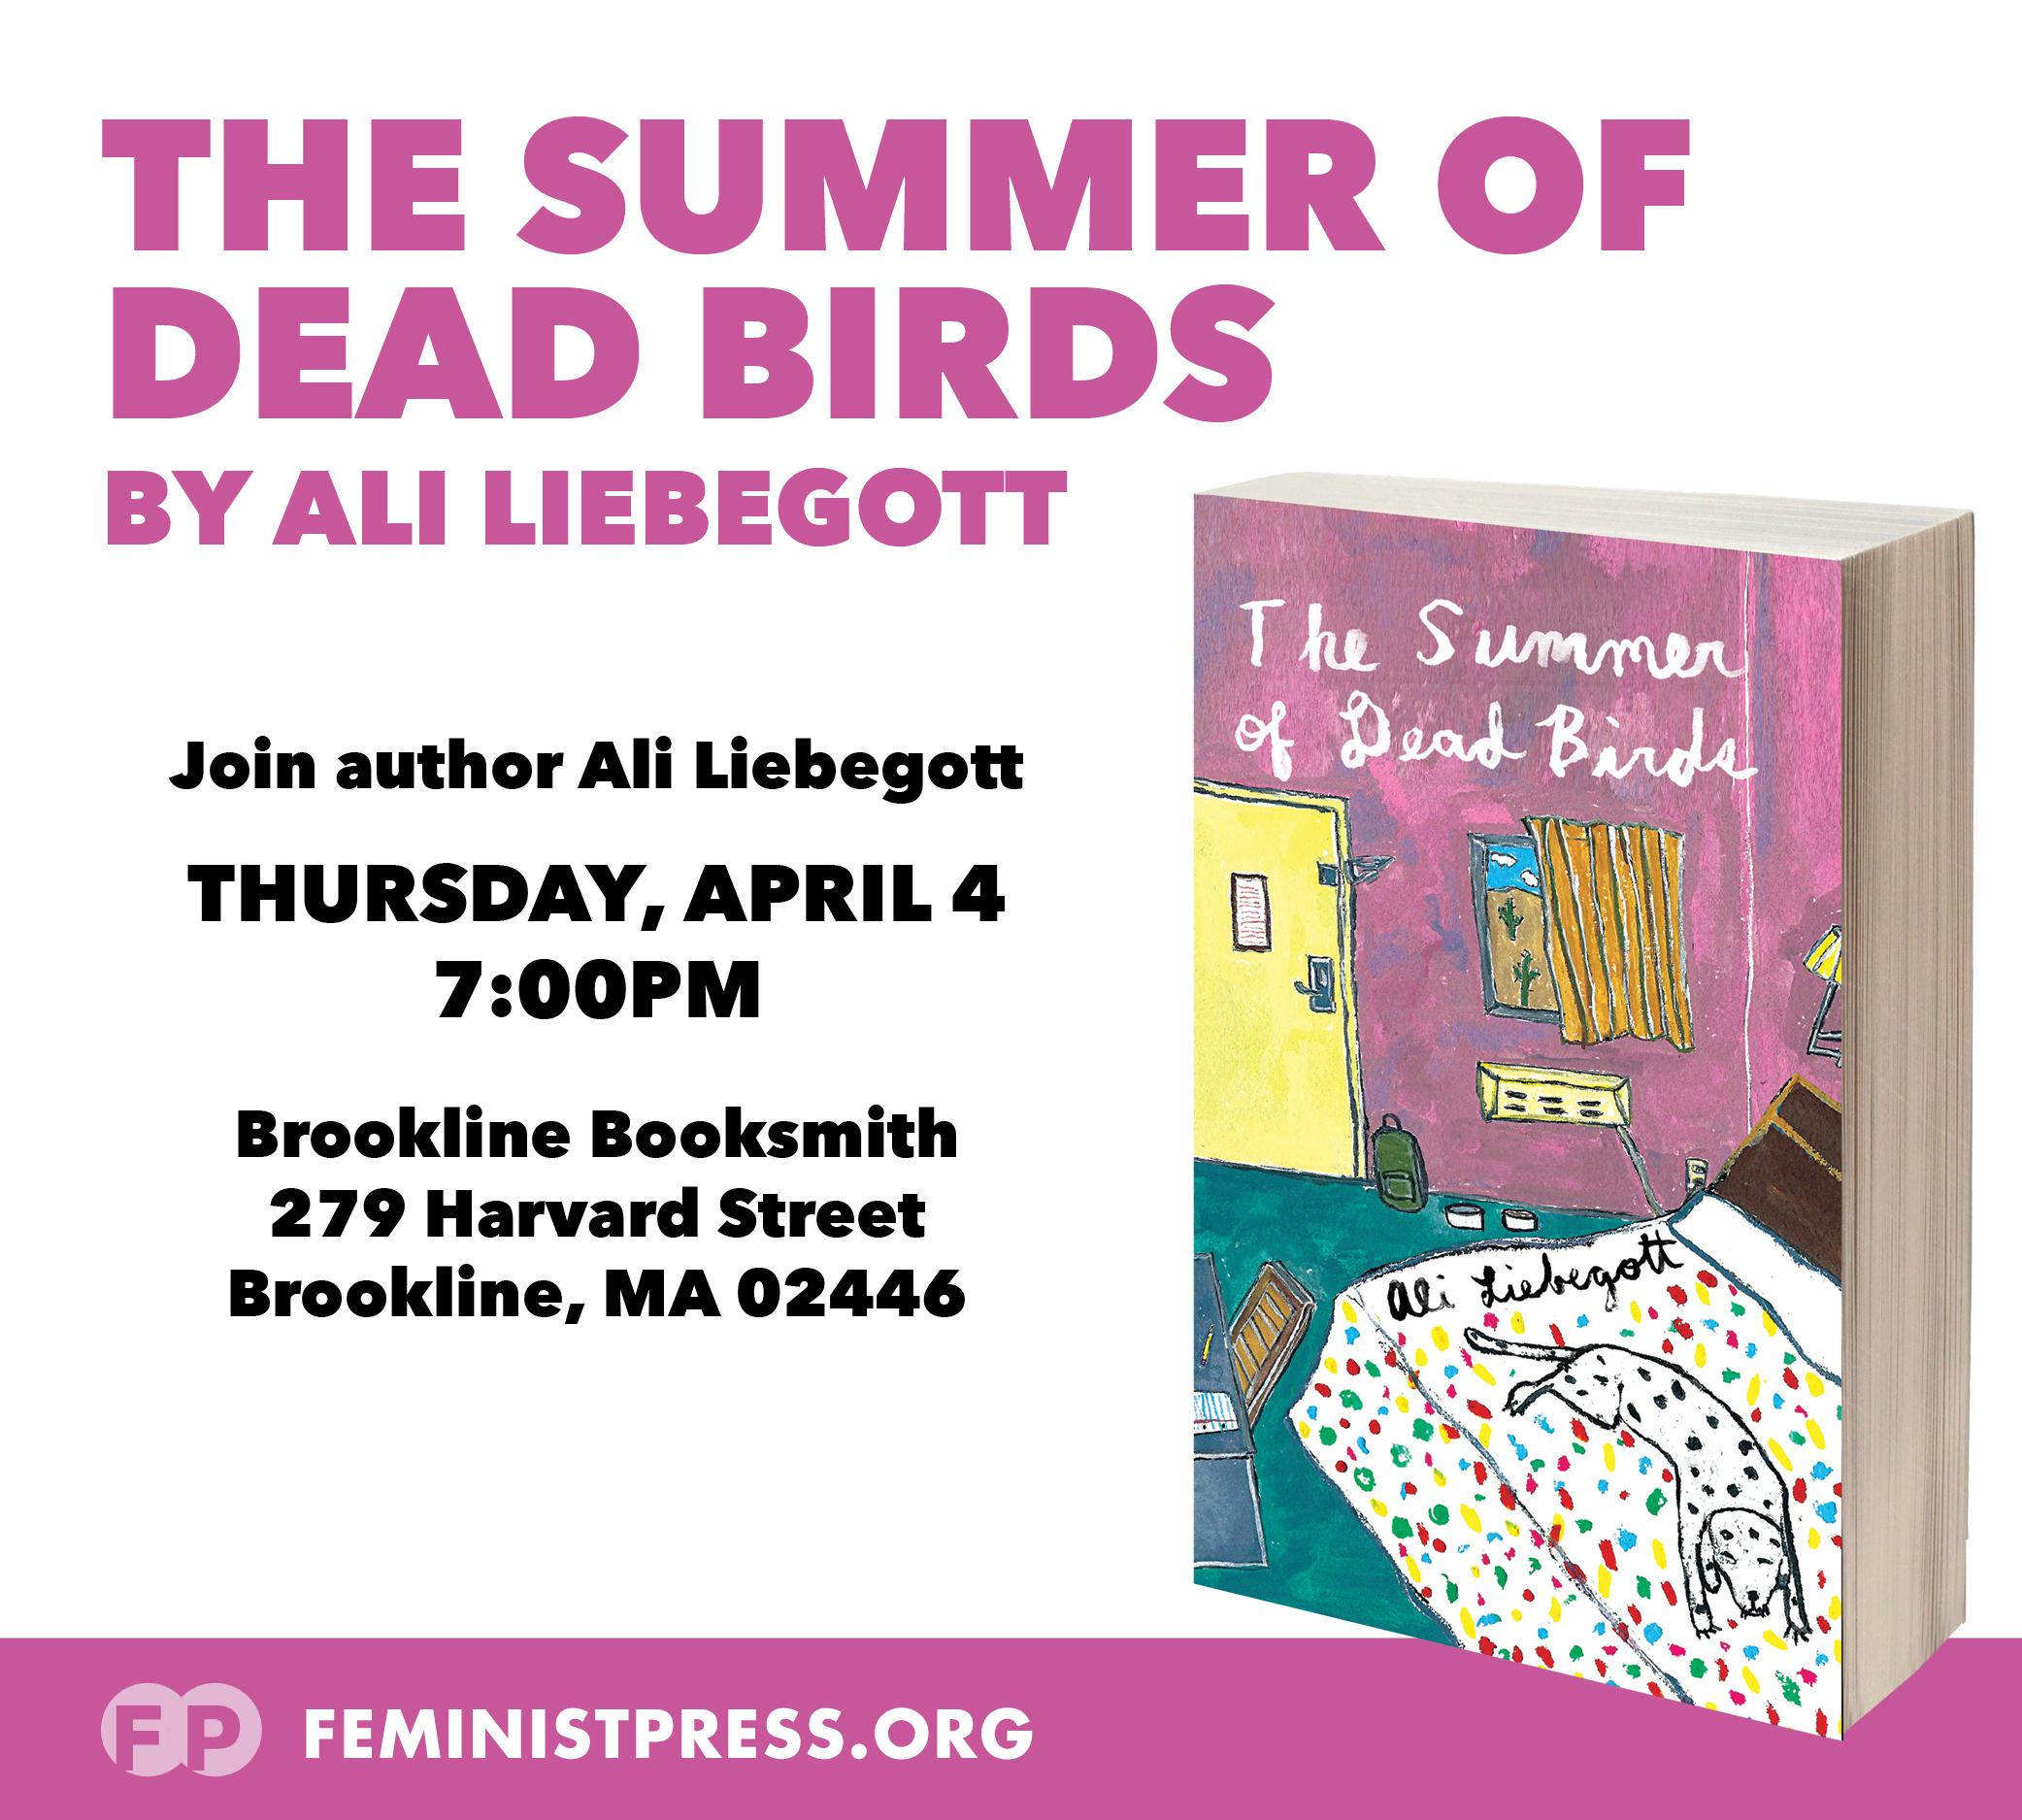 Summer_Dead_Birds_Brookline.jpg